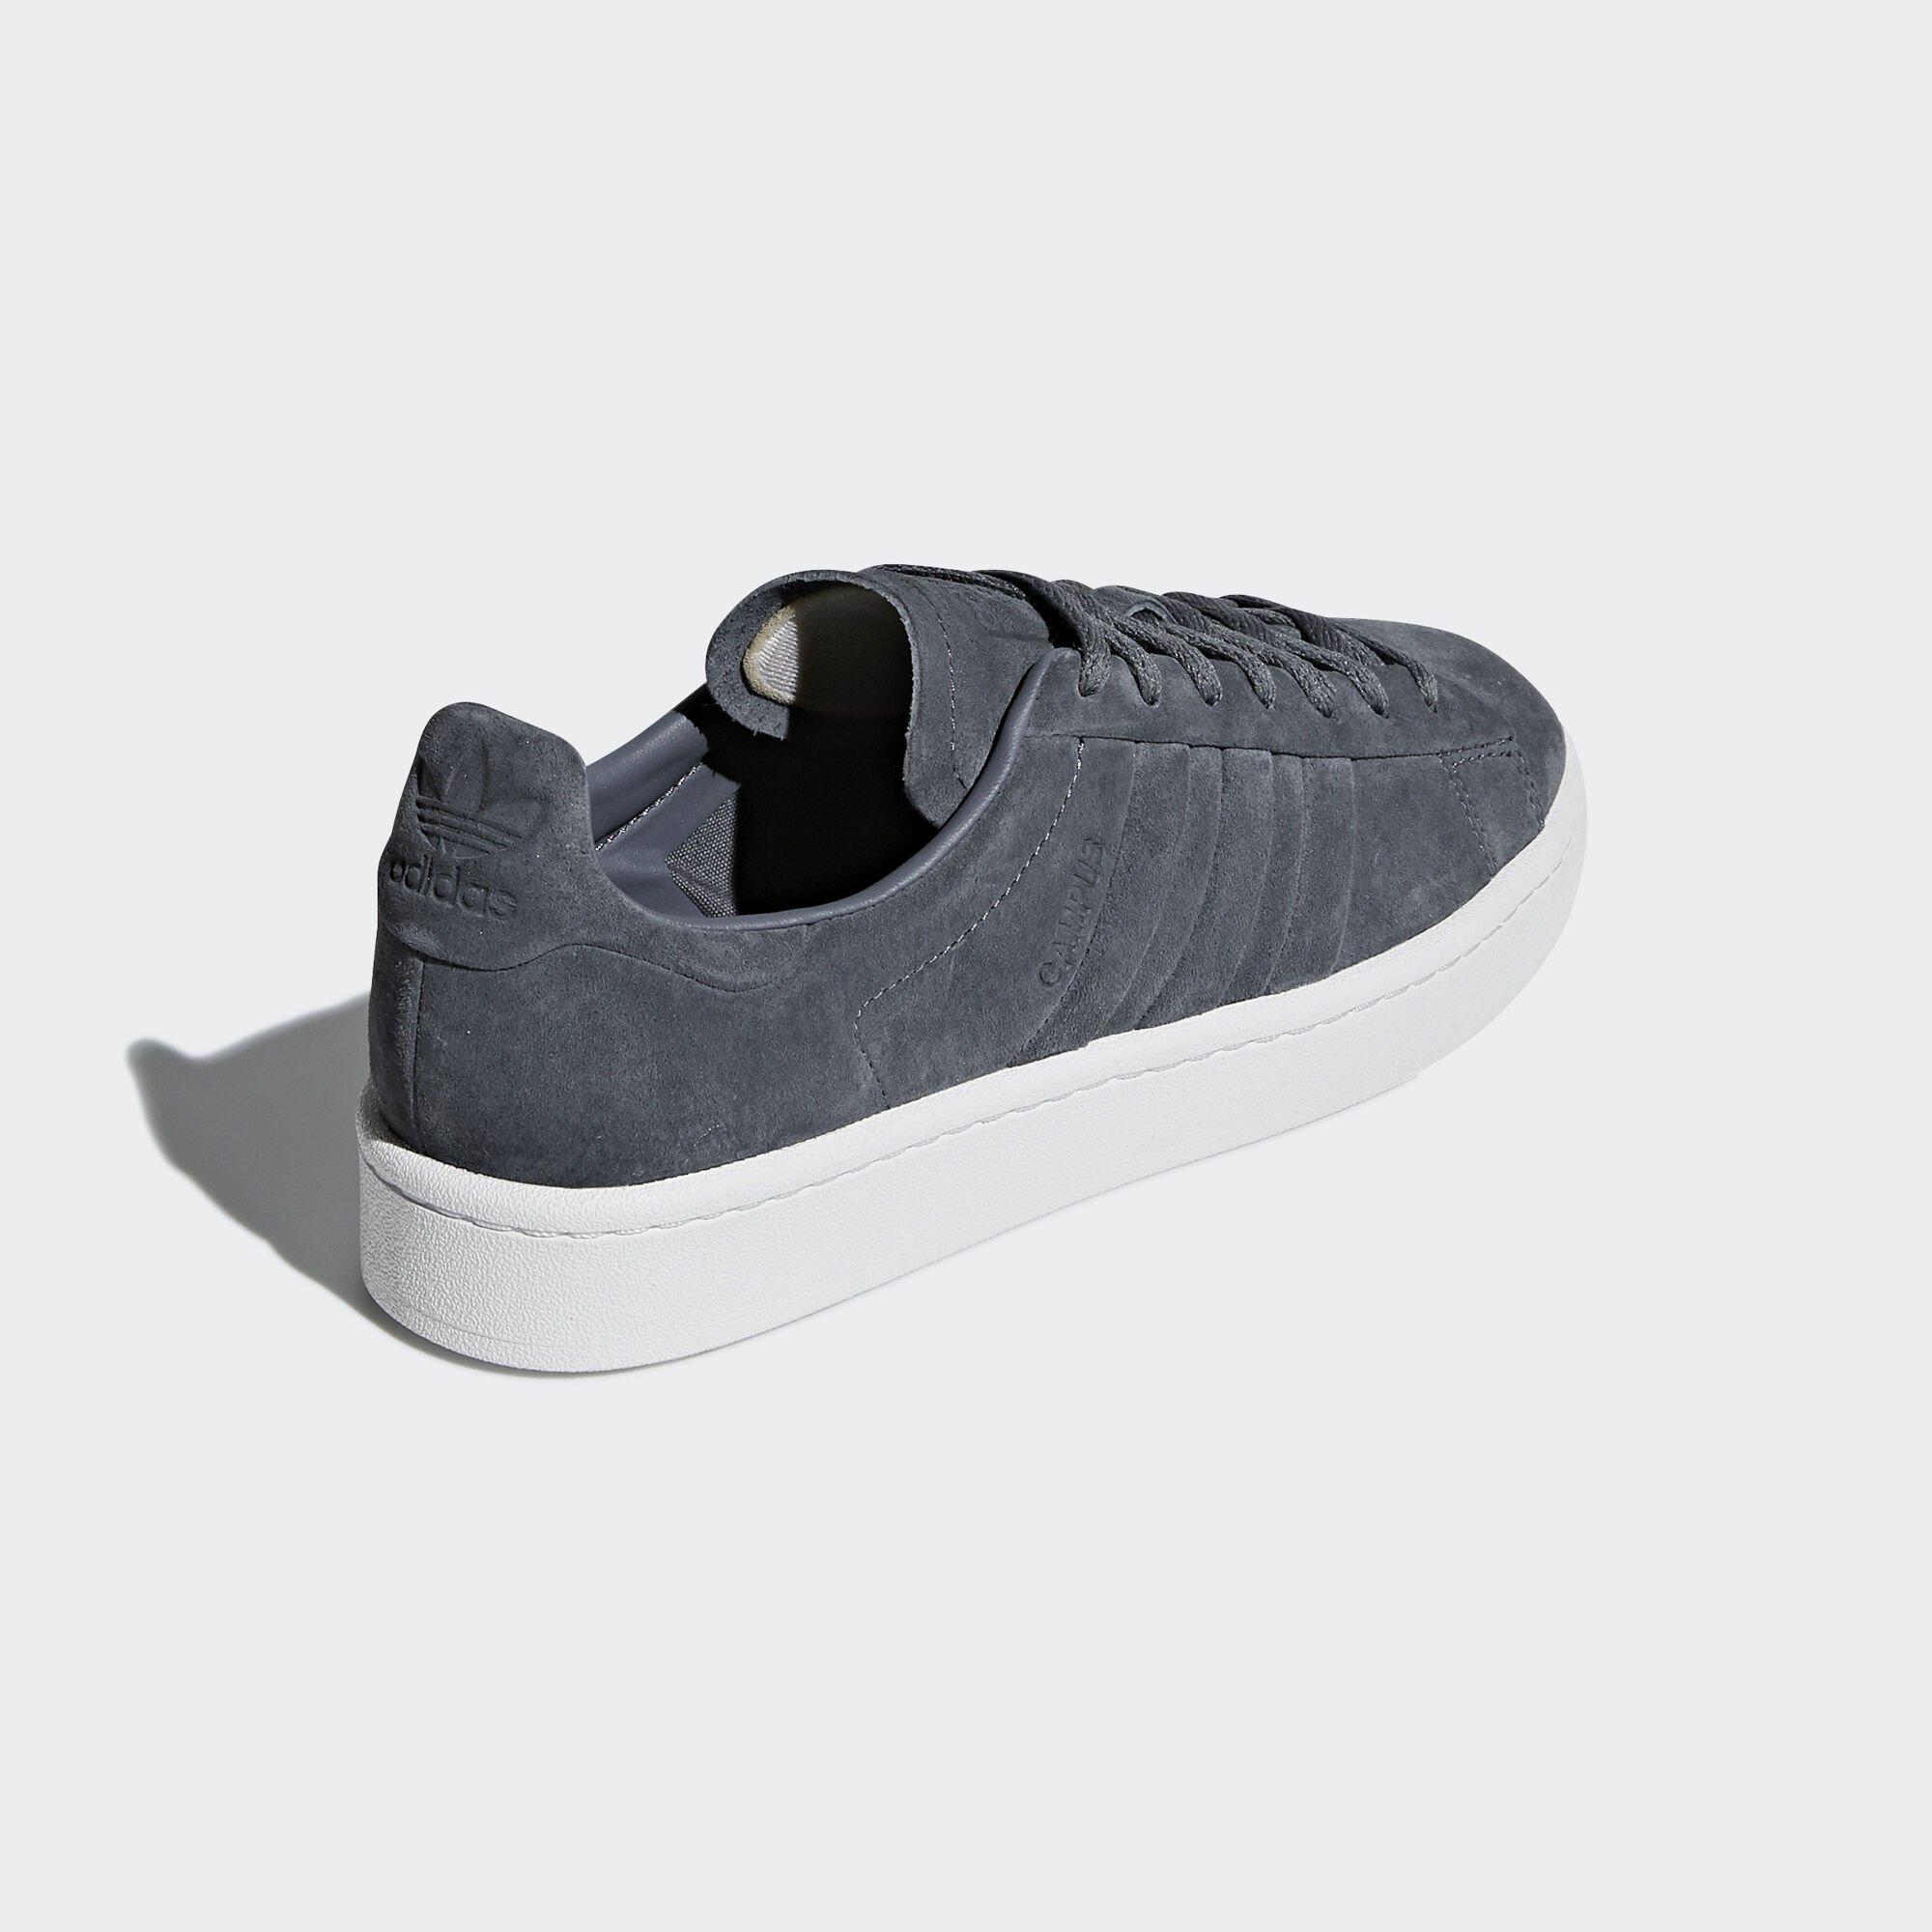 adidas Campus Stitch And Turn Grey W